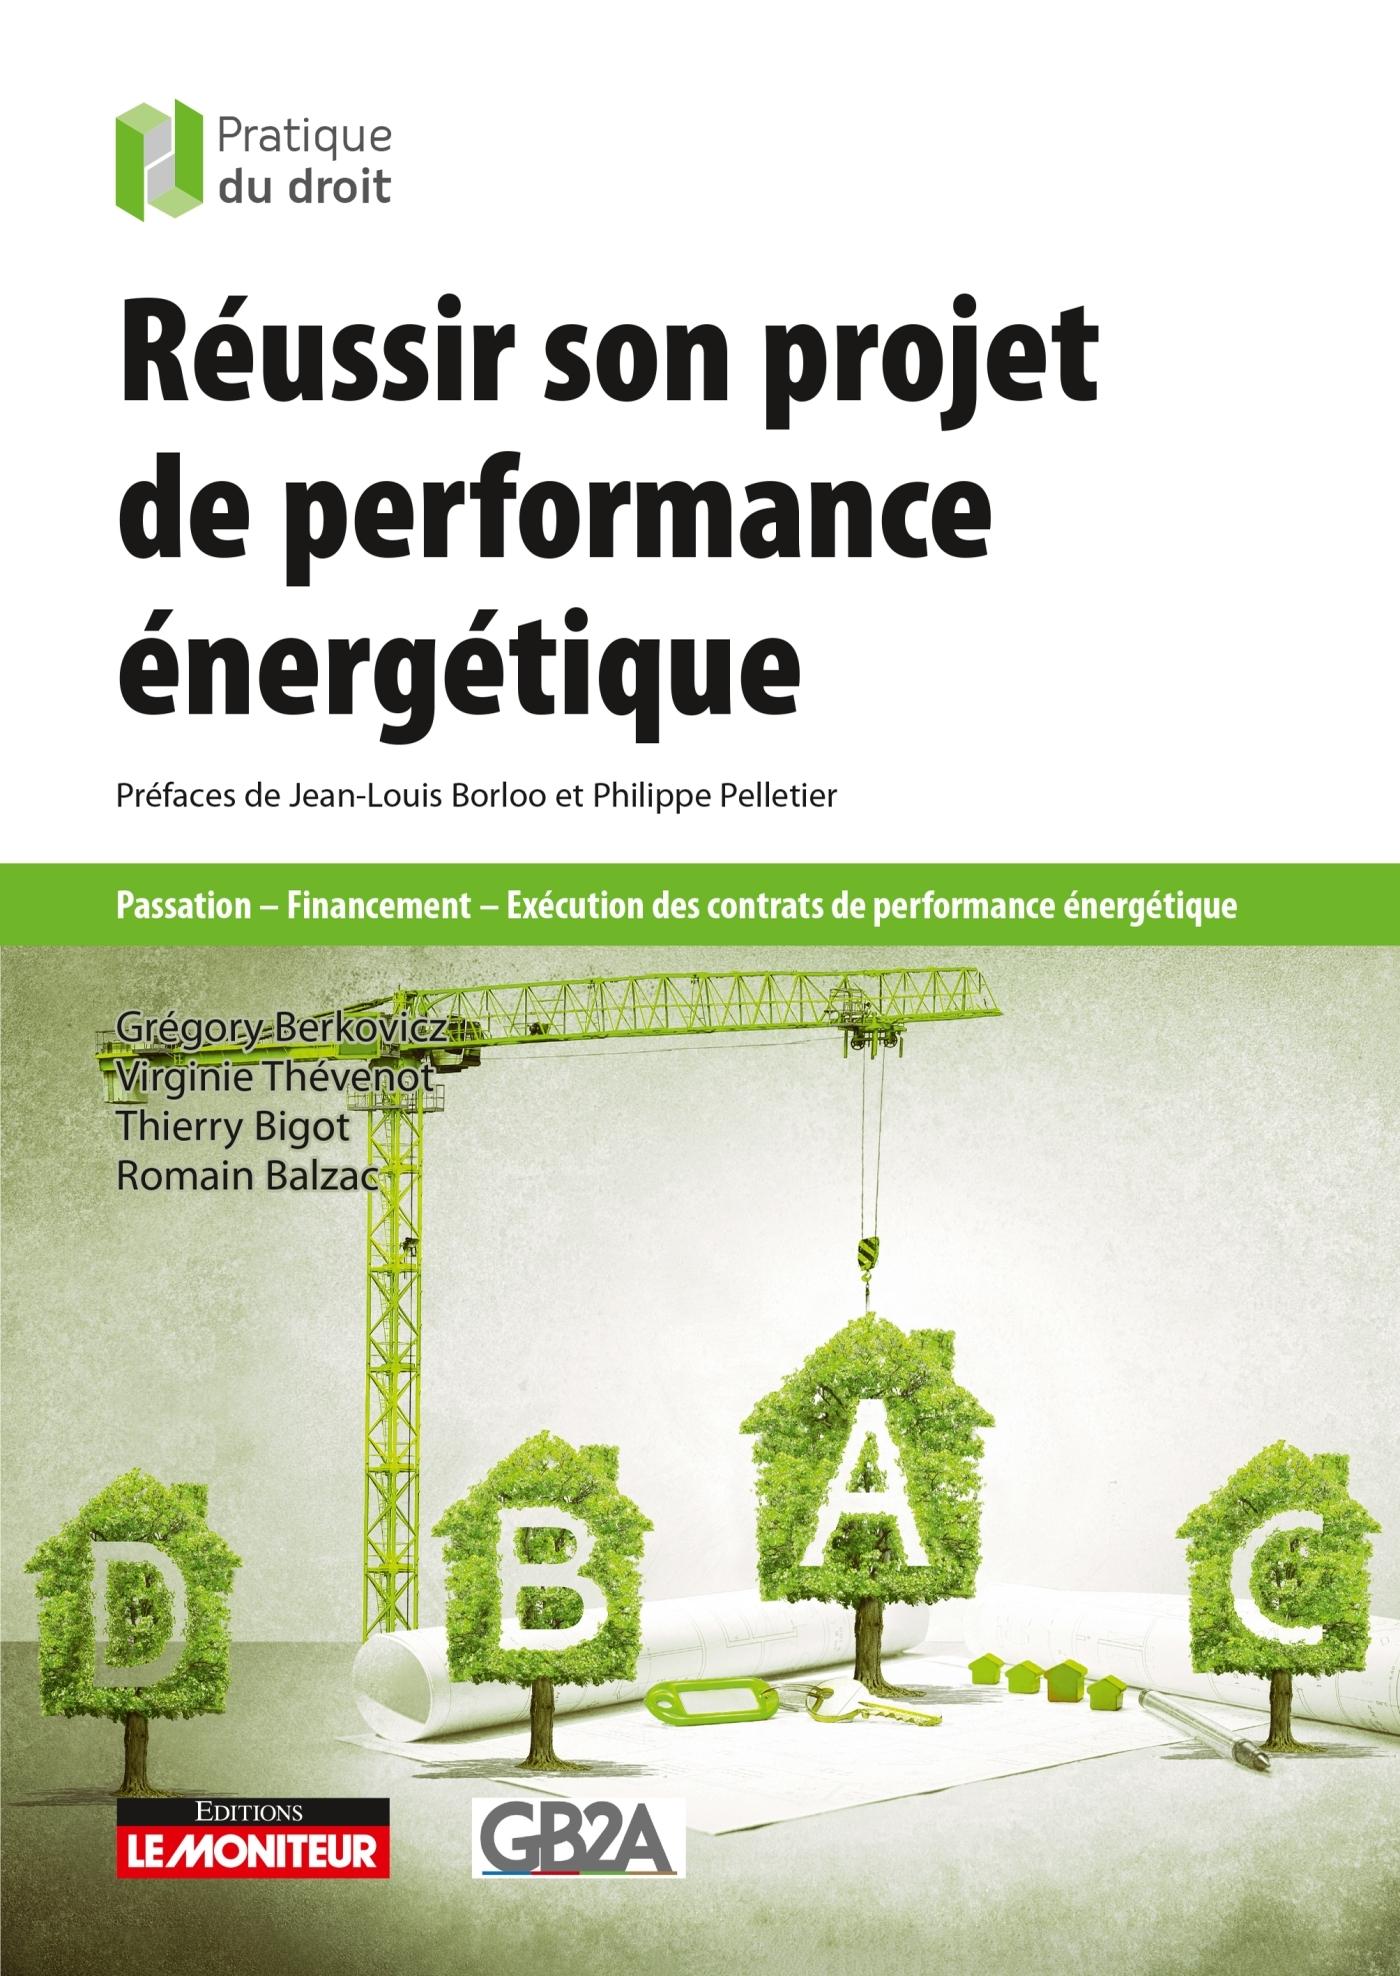 REUSSIR SON PROJET DE PERFORMANCE ENERGETIQUE - PASSATION - FINANCEMENT - EXECUTION DES CONTRATS DE